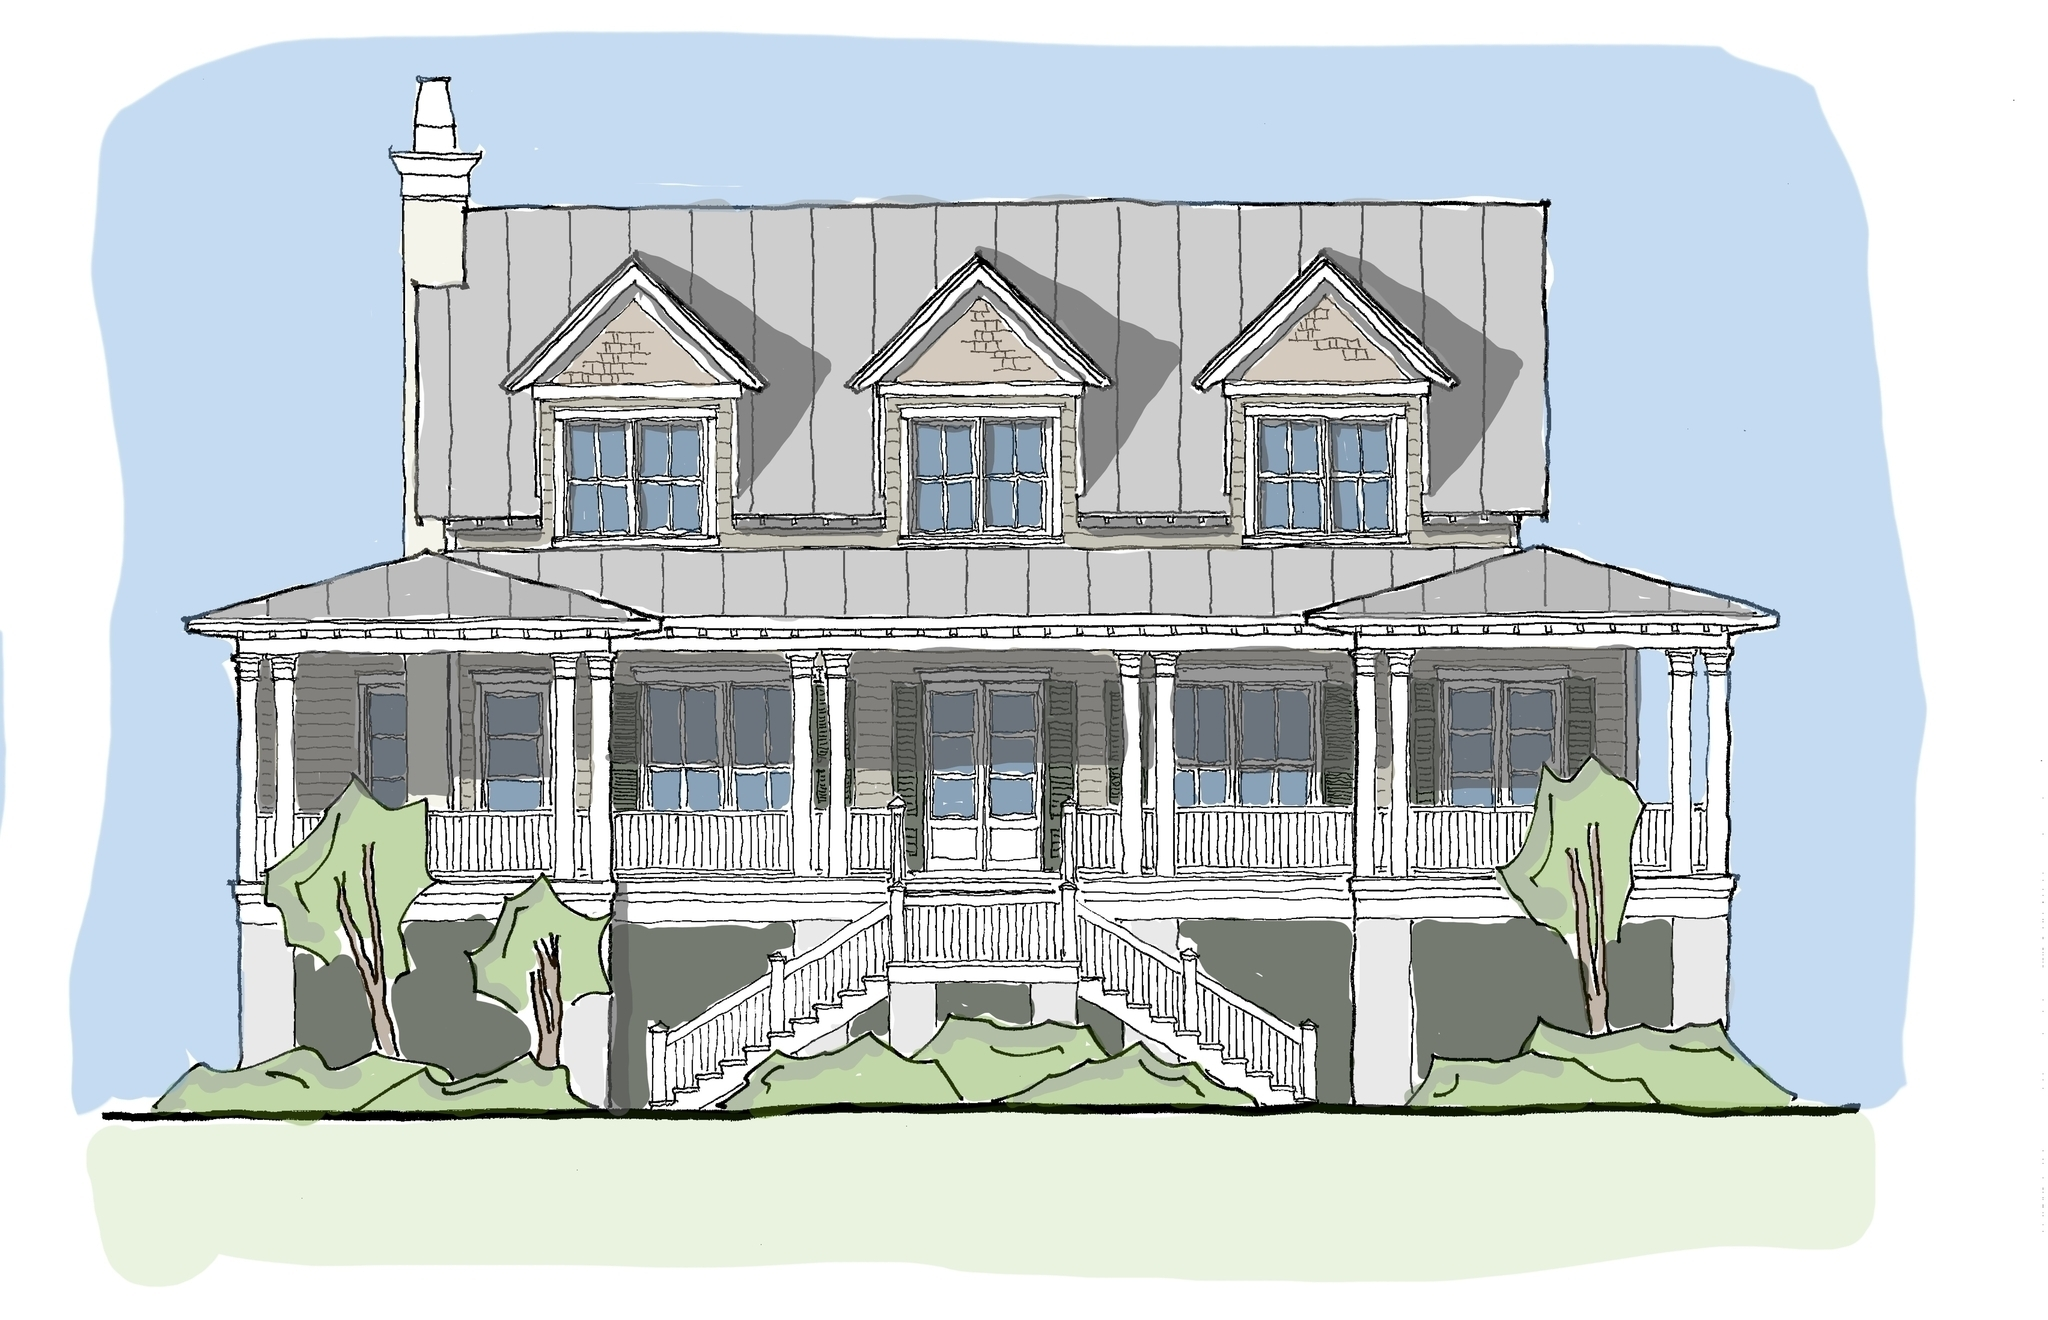 Carolina kite flatfish island designs coastal home plans for Coastal carolina home plans